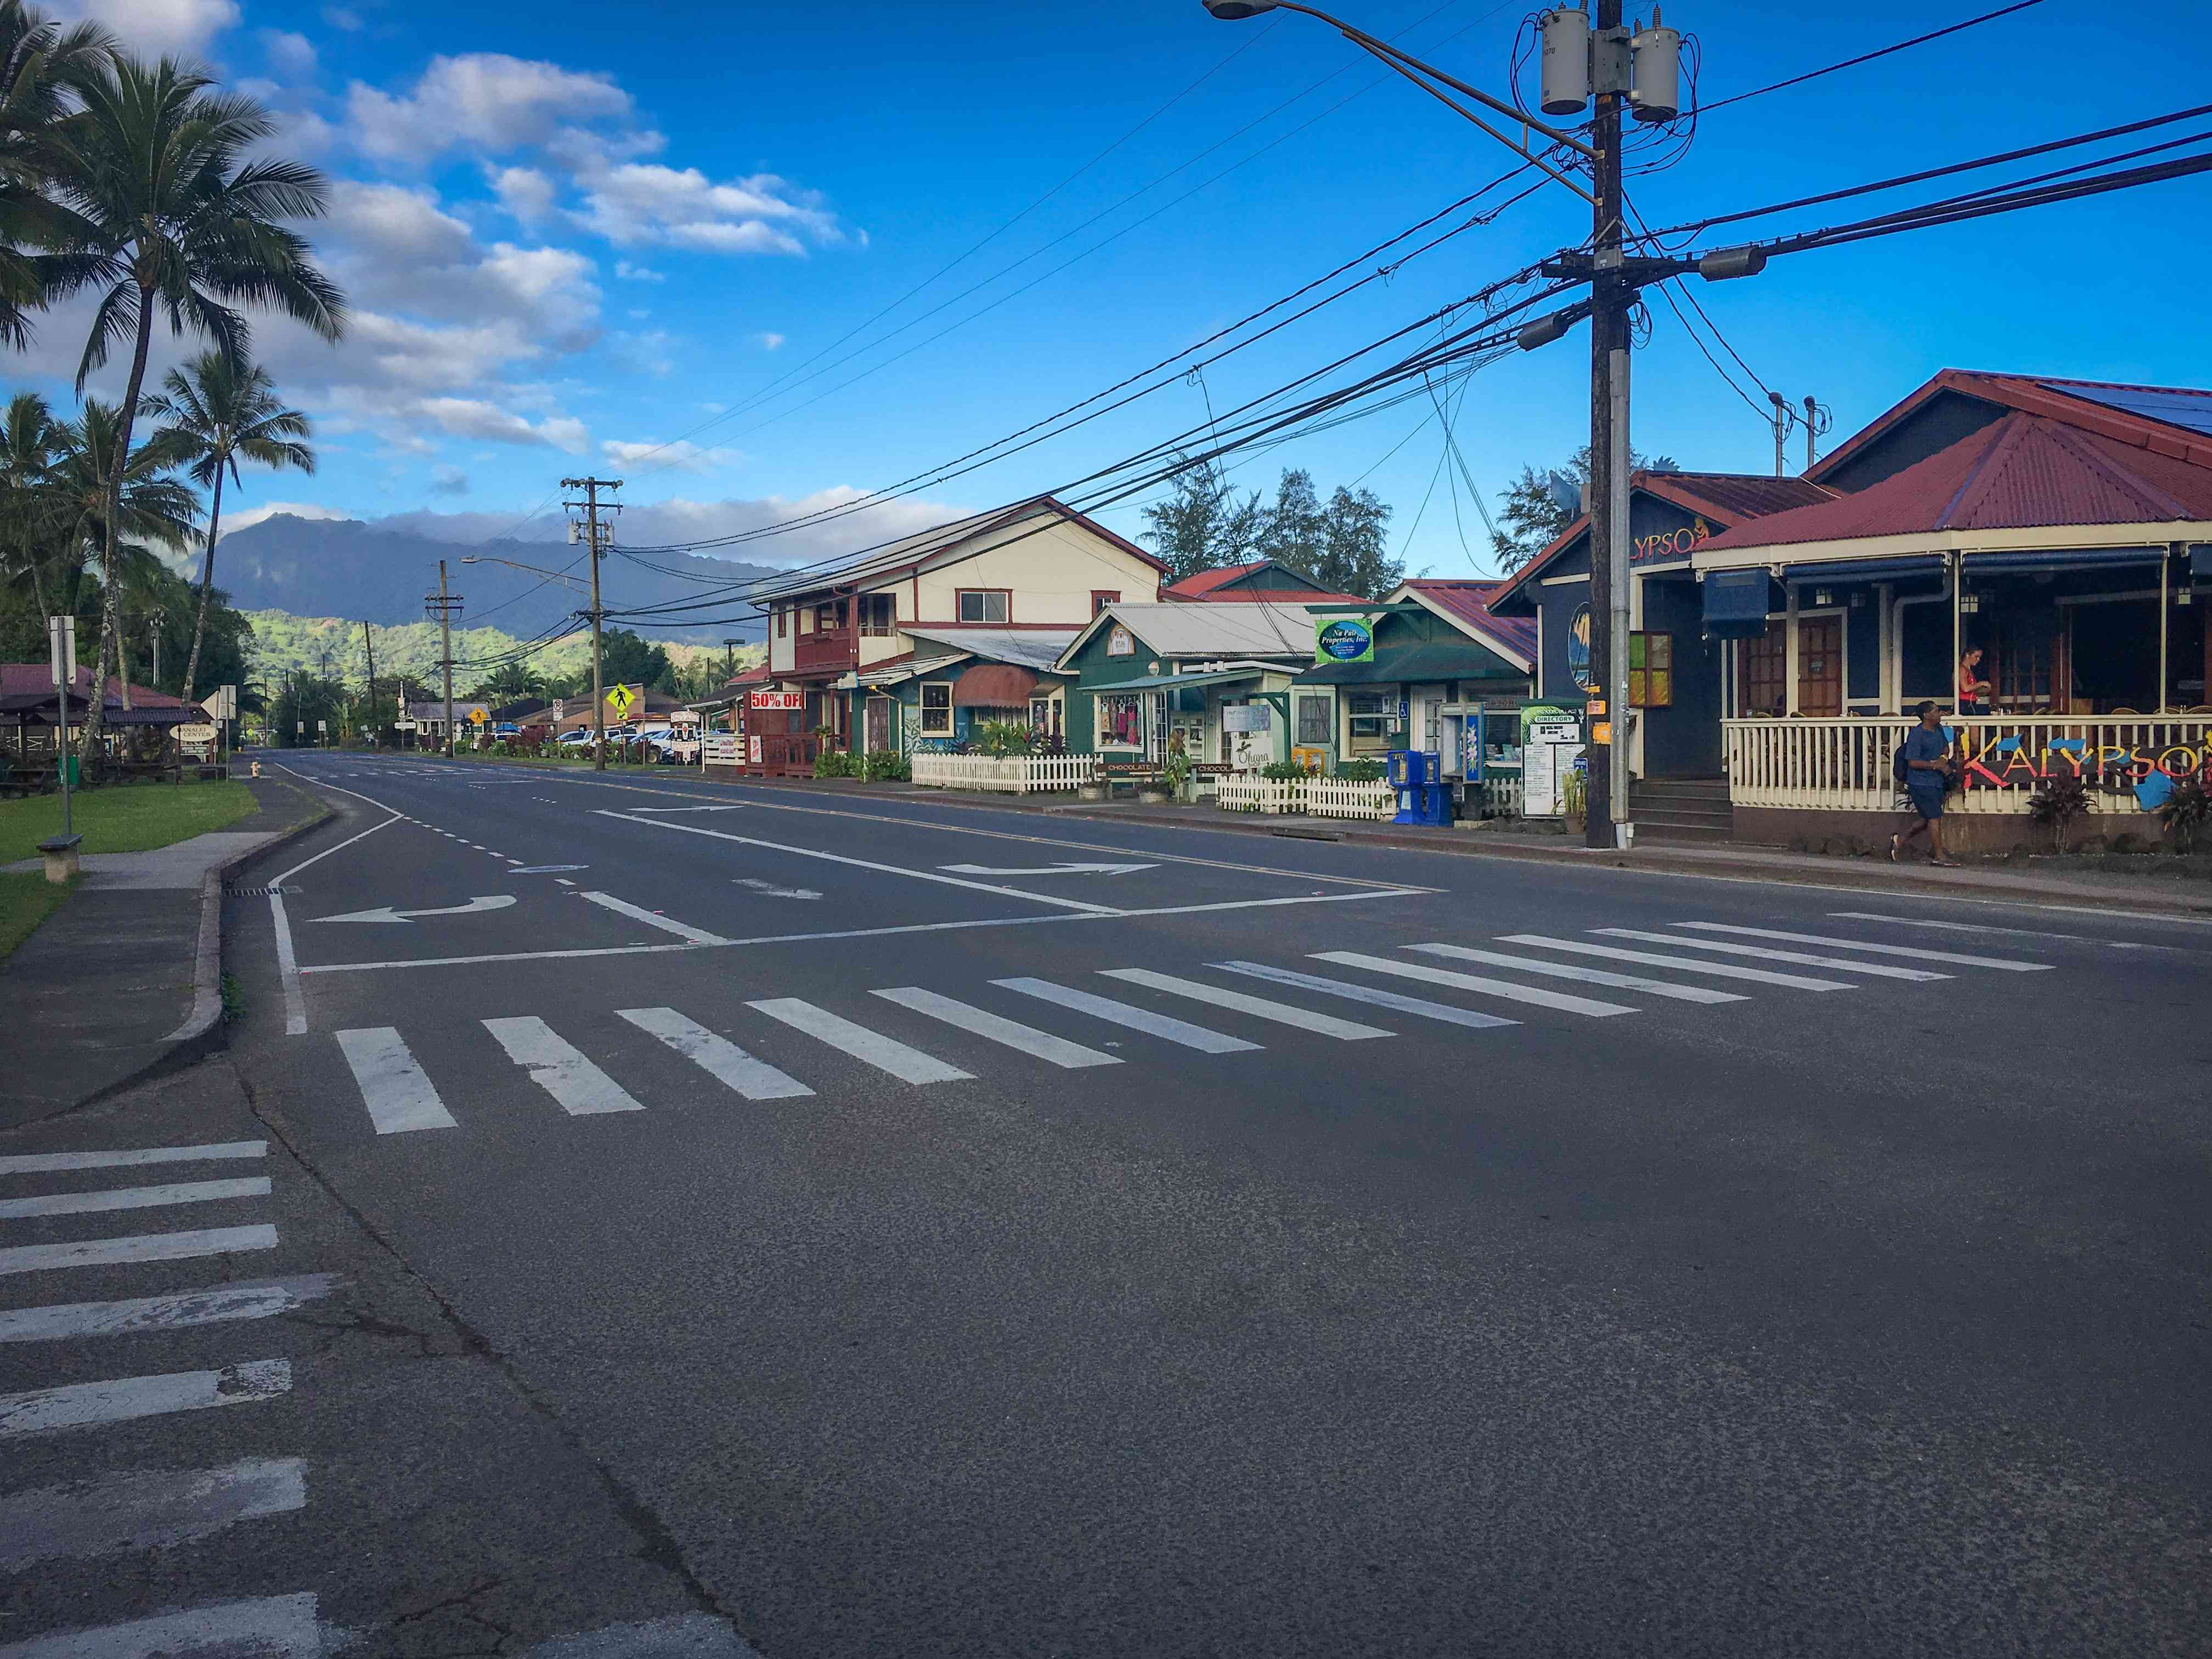 Kuhio Highway in Hanalei, Kauai, Hawaii